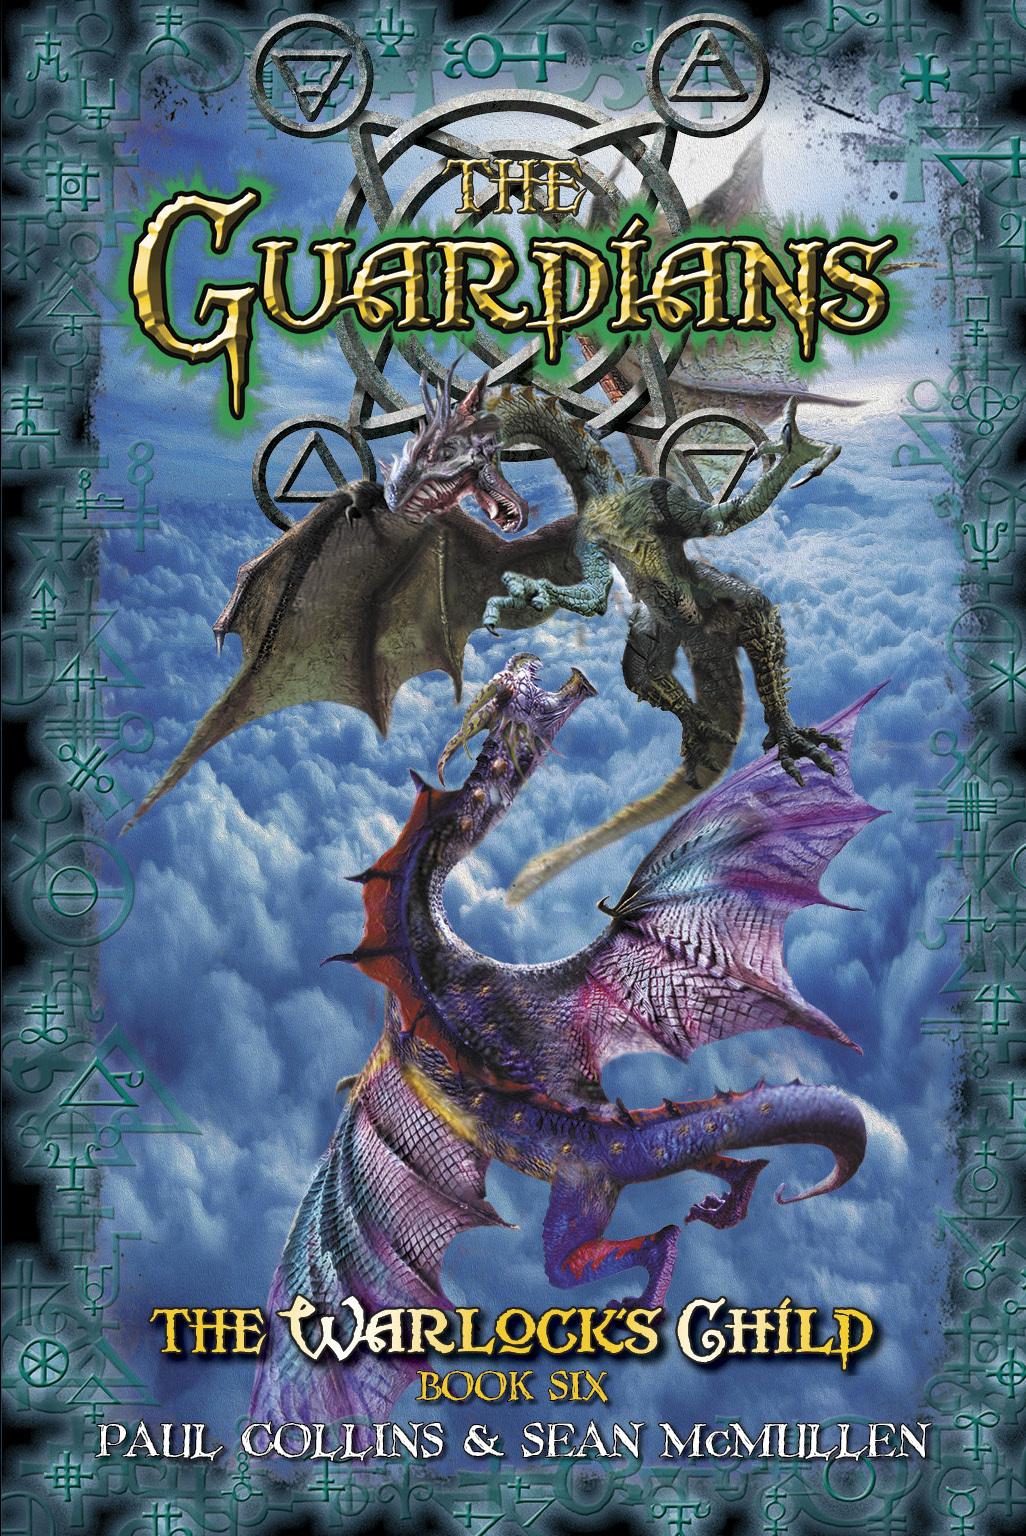 The Guardians Paul Collins